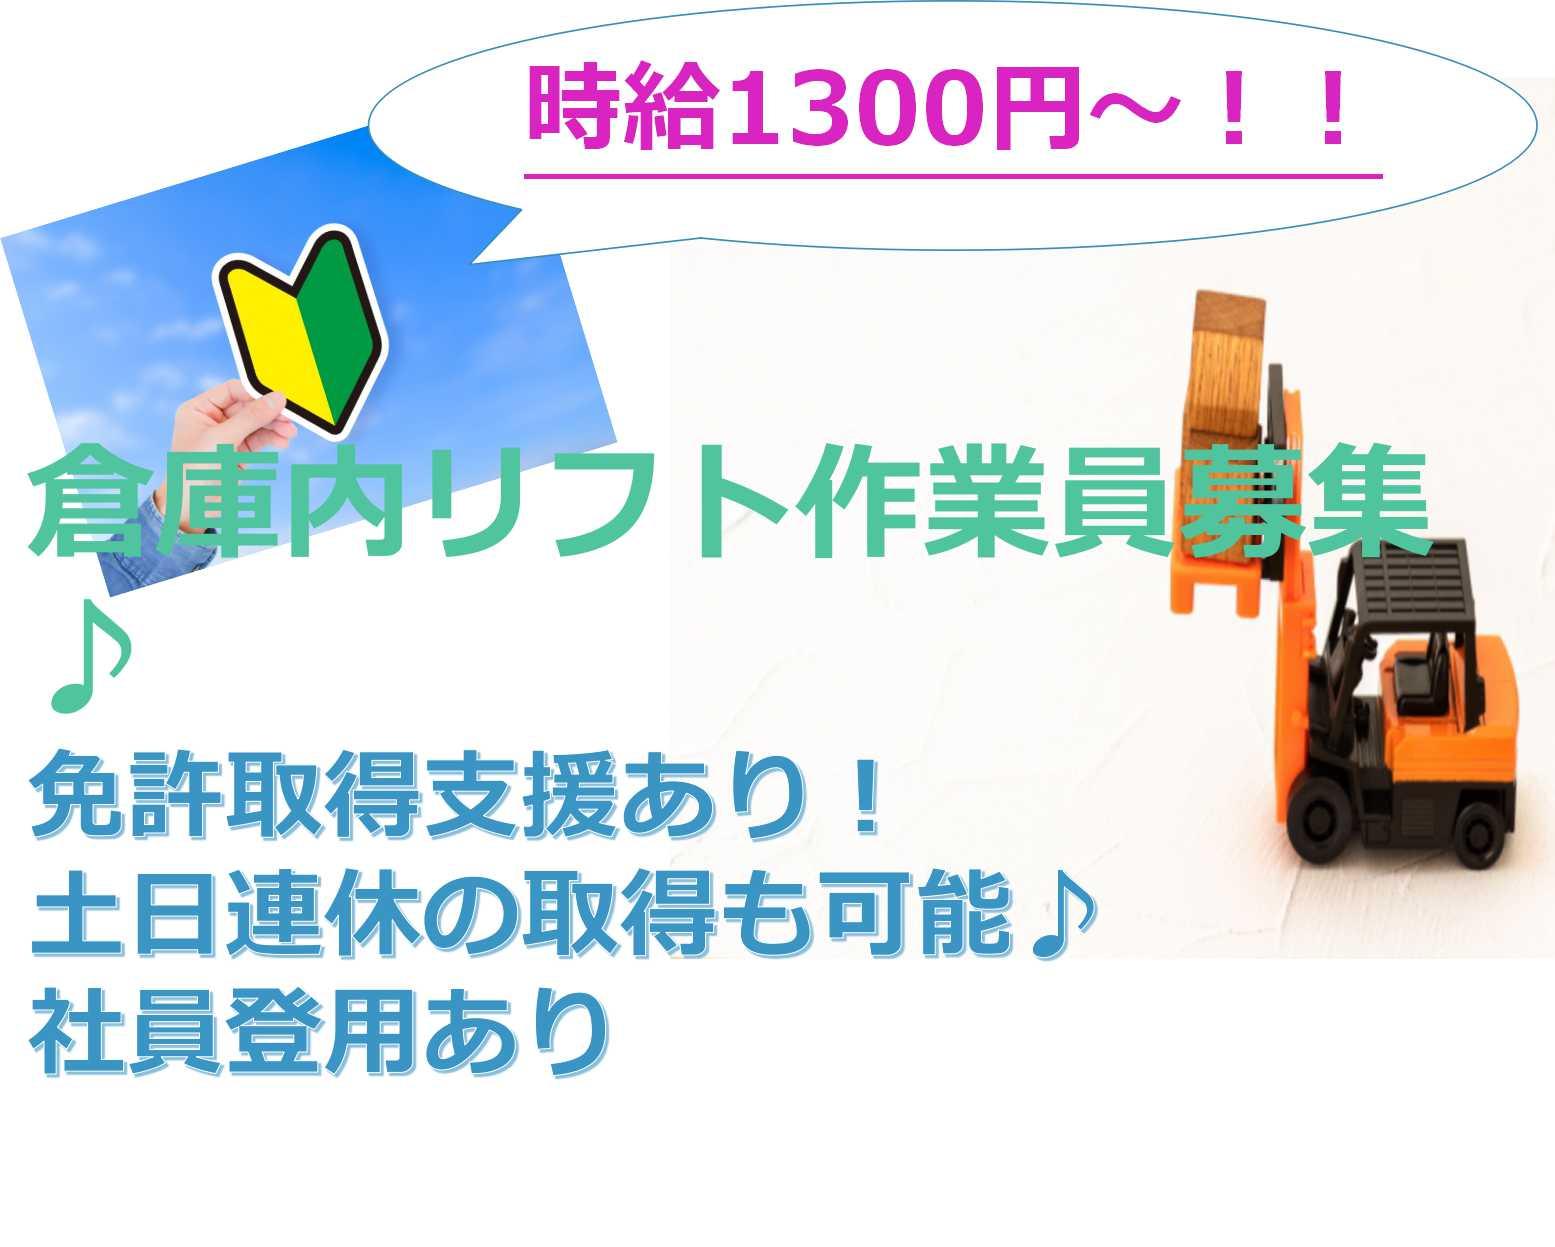 勤務時間相談可♪時給1300円~!倉庫内リフト作業員【即面談可能】 イメージ